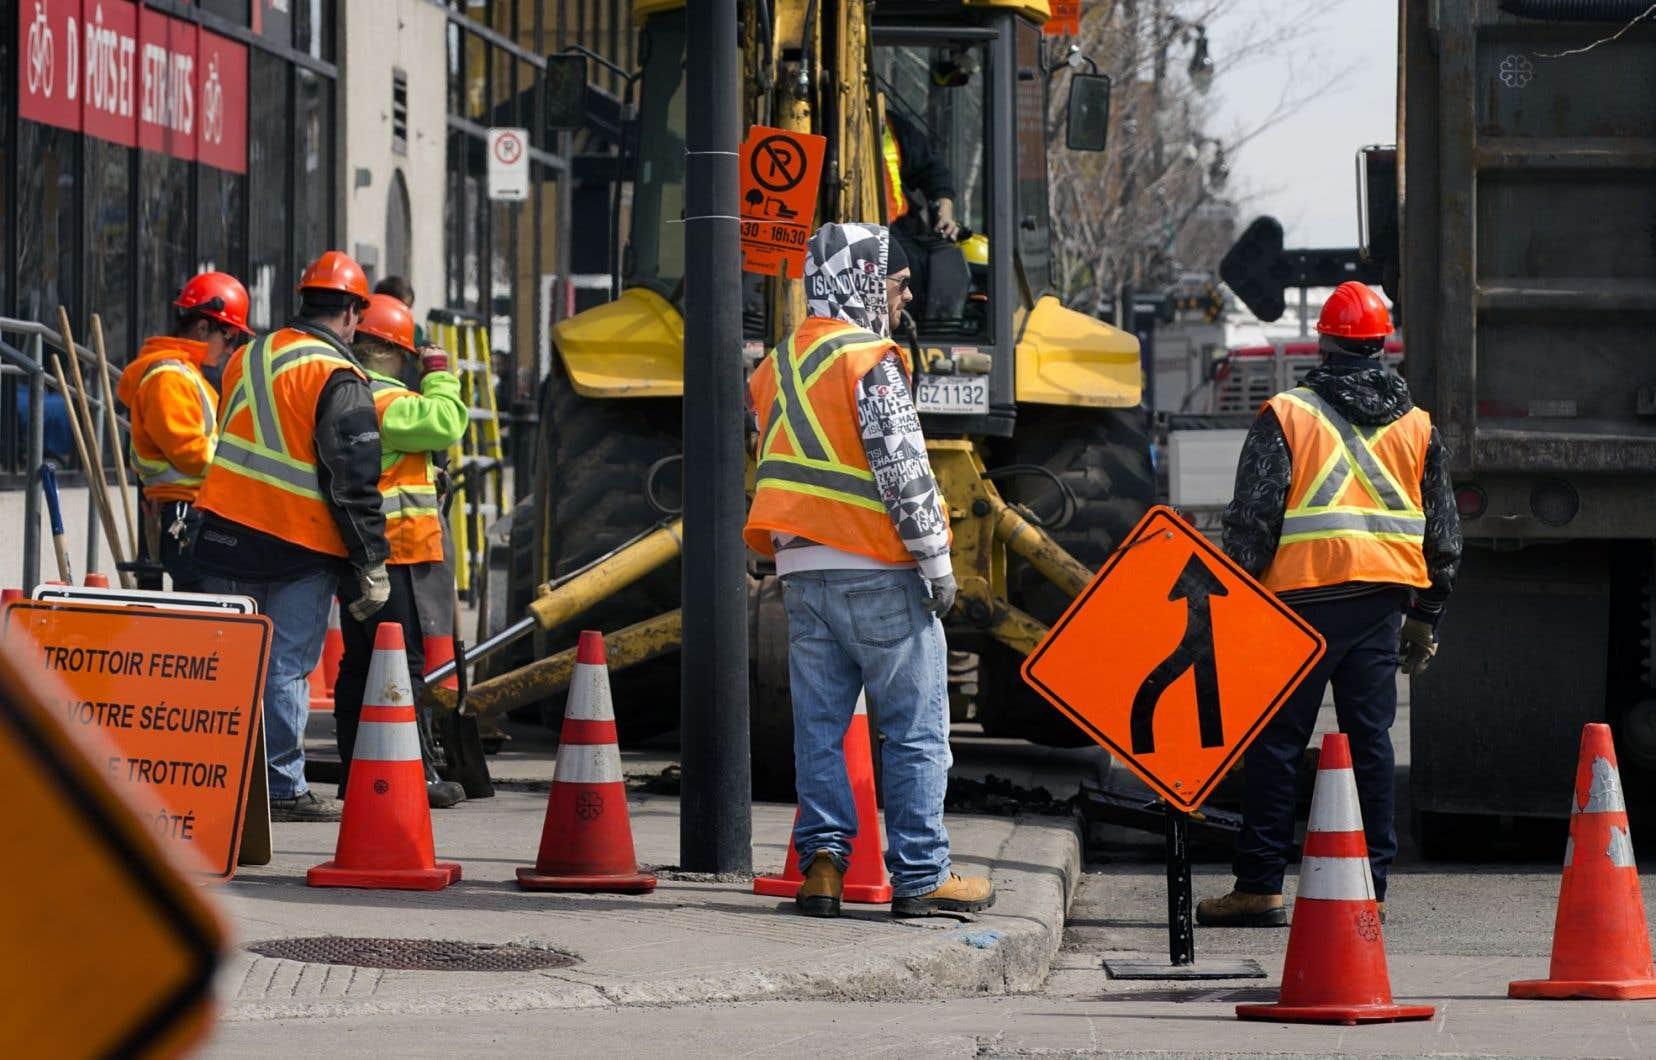 Le président de l'UMQ, Bernard Sévigny, s'attend à «une session très municipale» à Québec au cours des prochains mois.